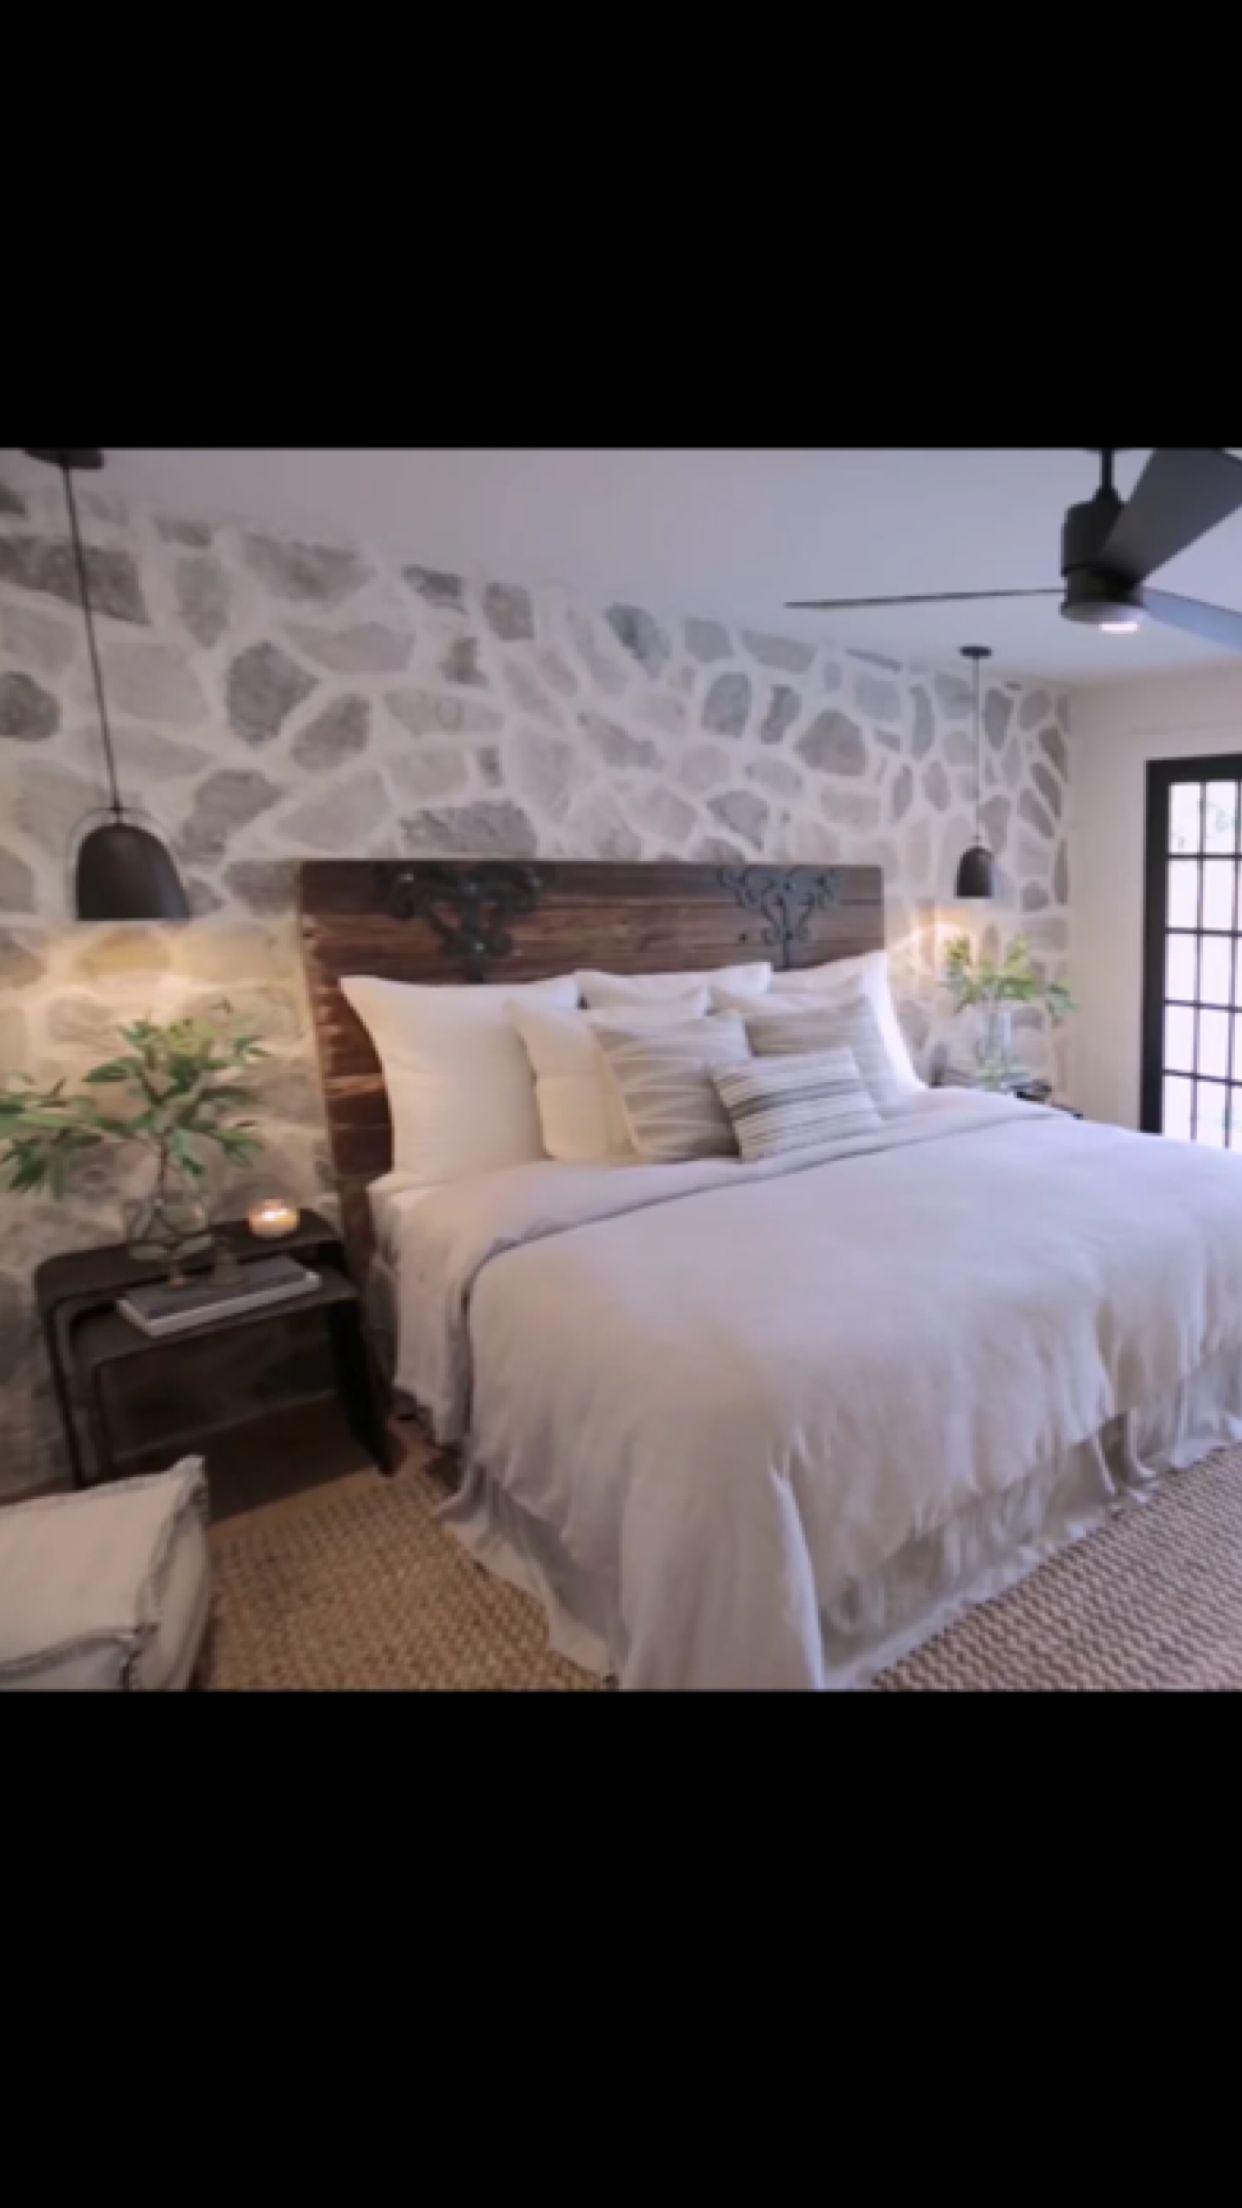 Rock wall - Fixer Upper season 5 | Fixer upper, Home decor ...